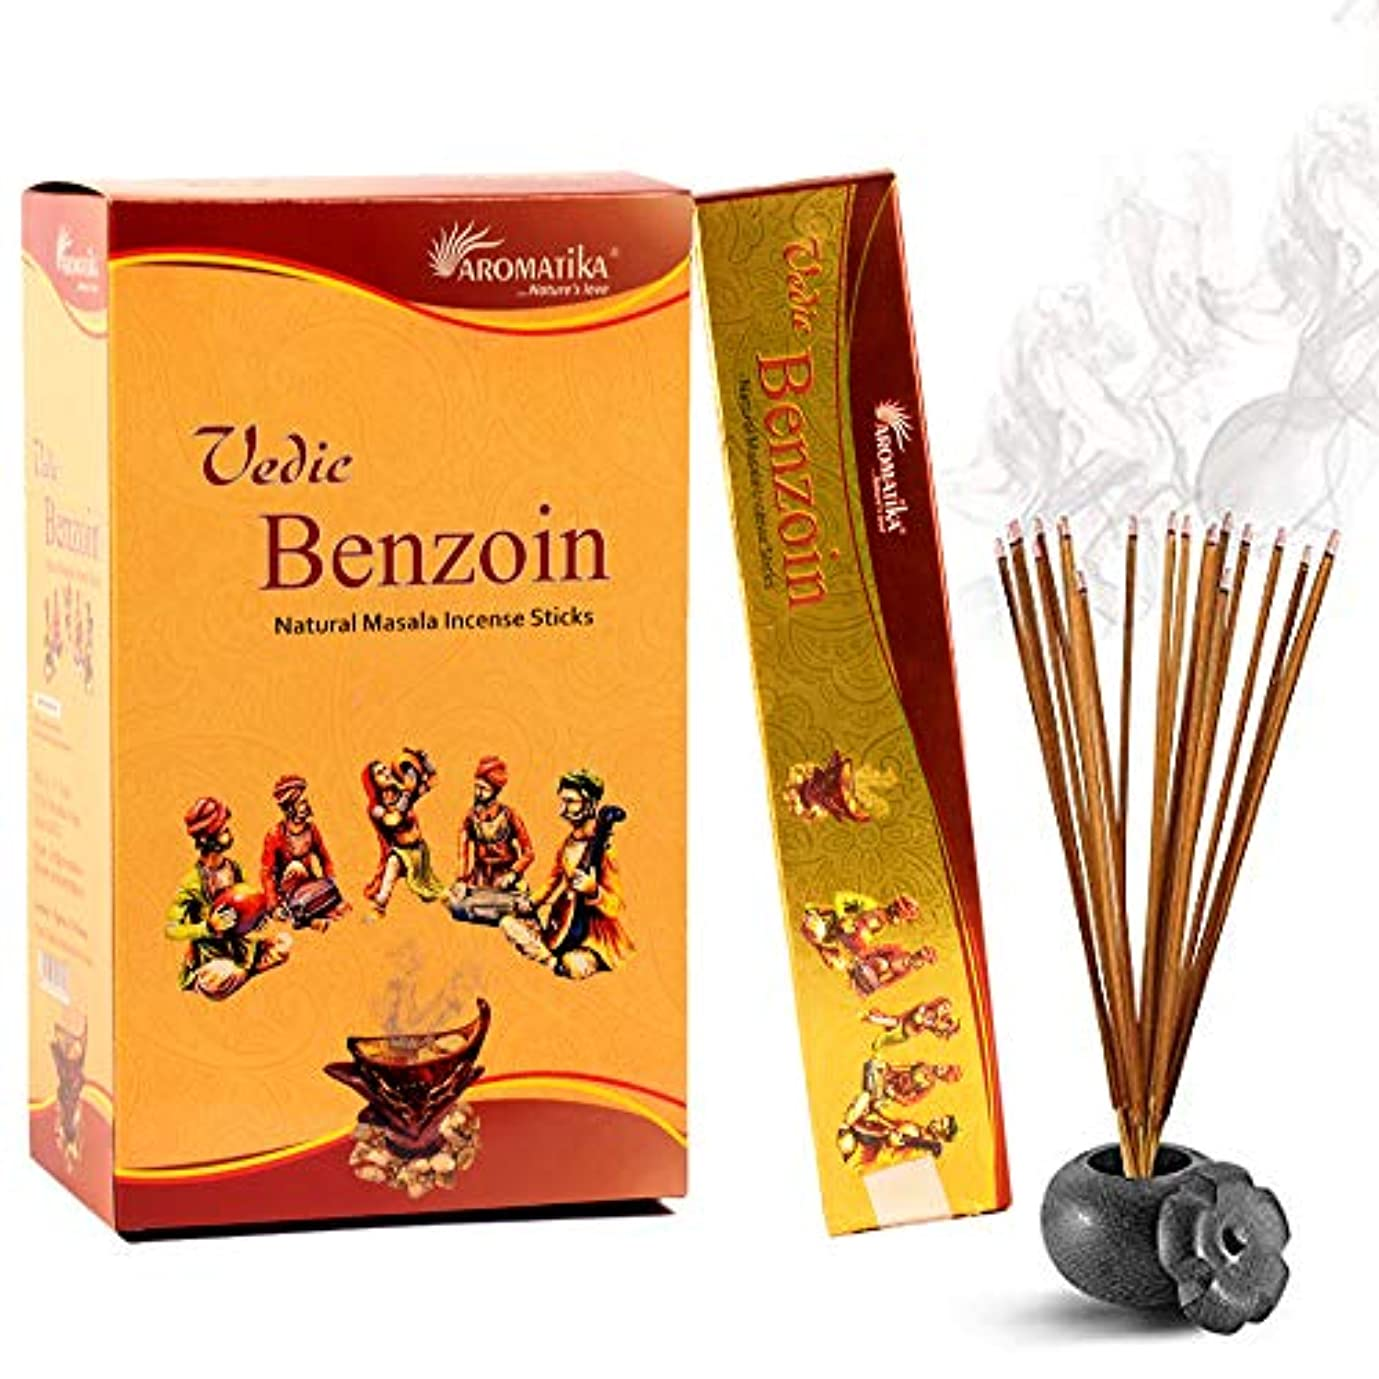 飛行機クラウドコンテンツaromatika Benzoin 15 gms Masala Incense Sticks Pack of 12